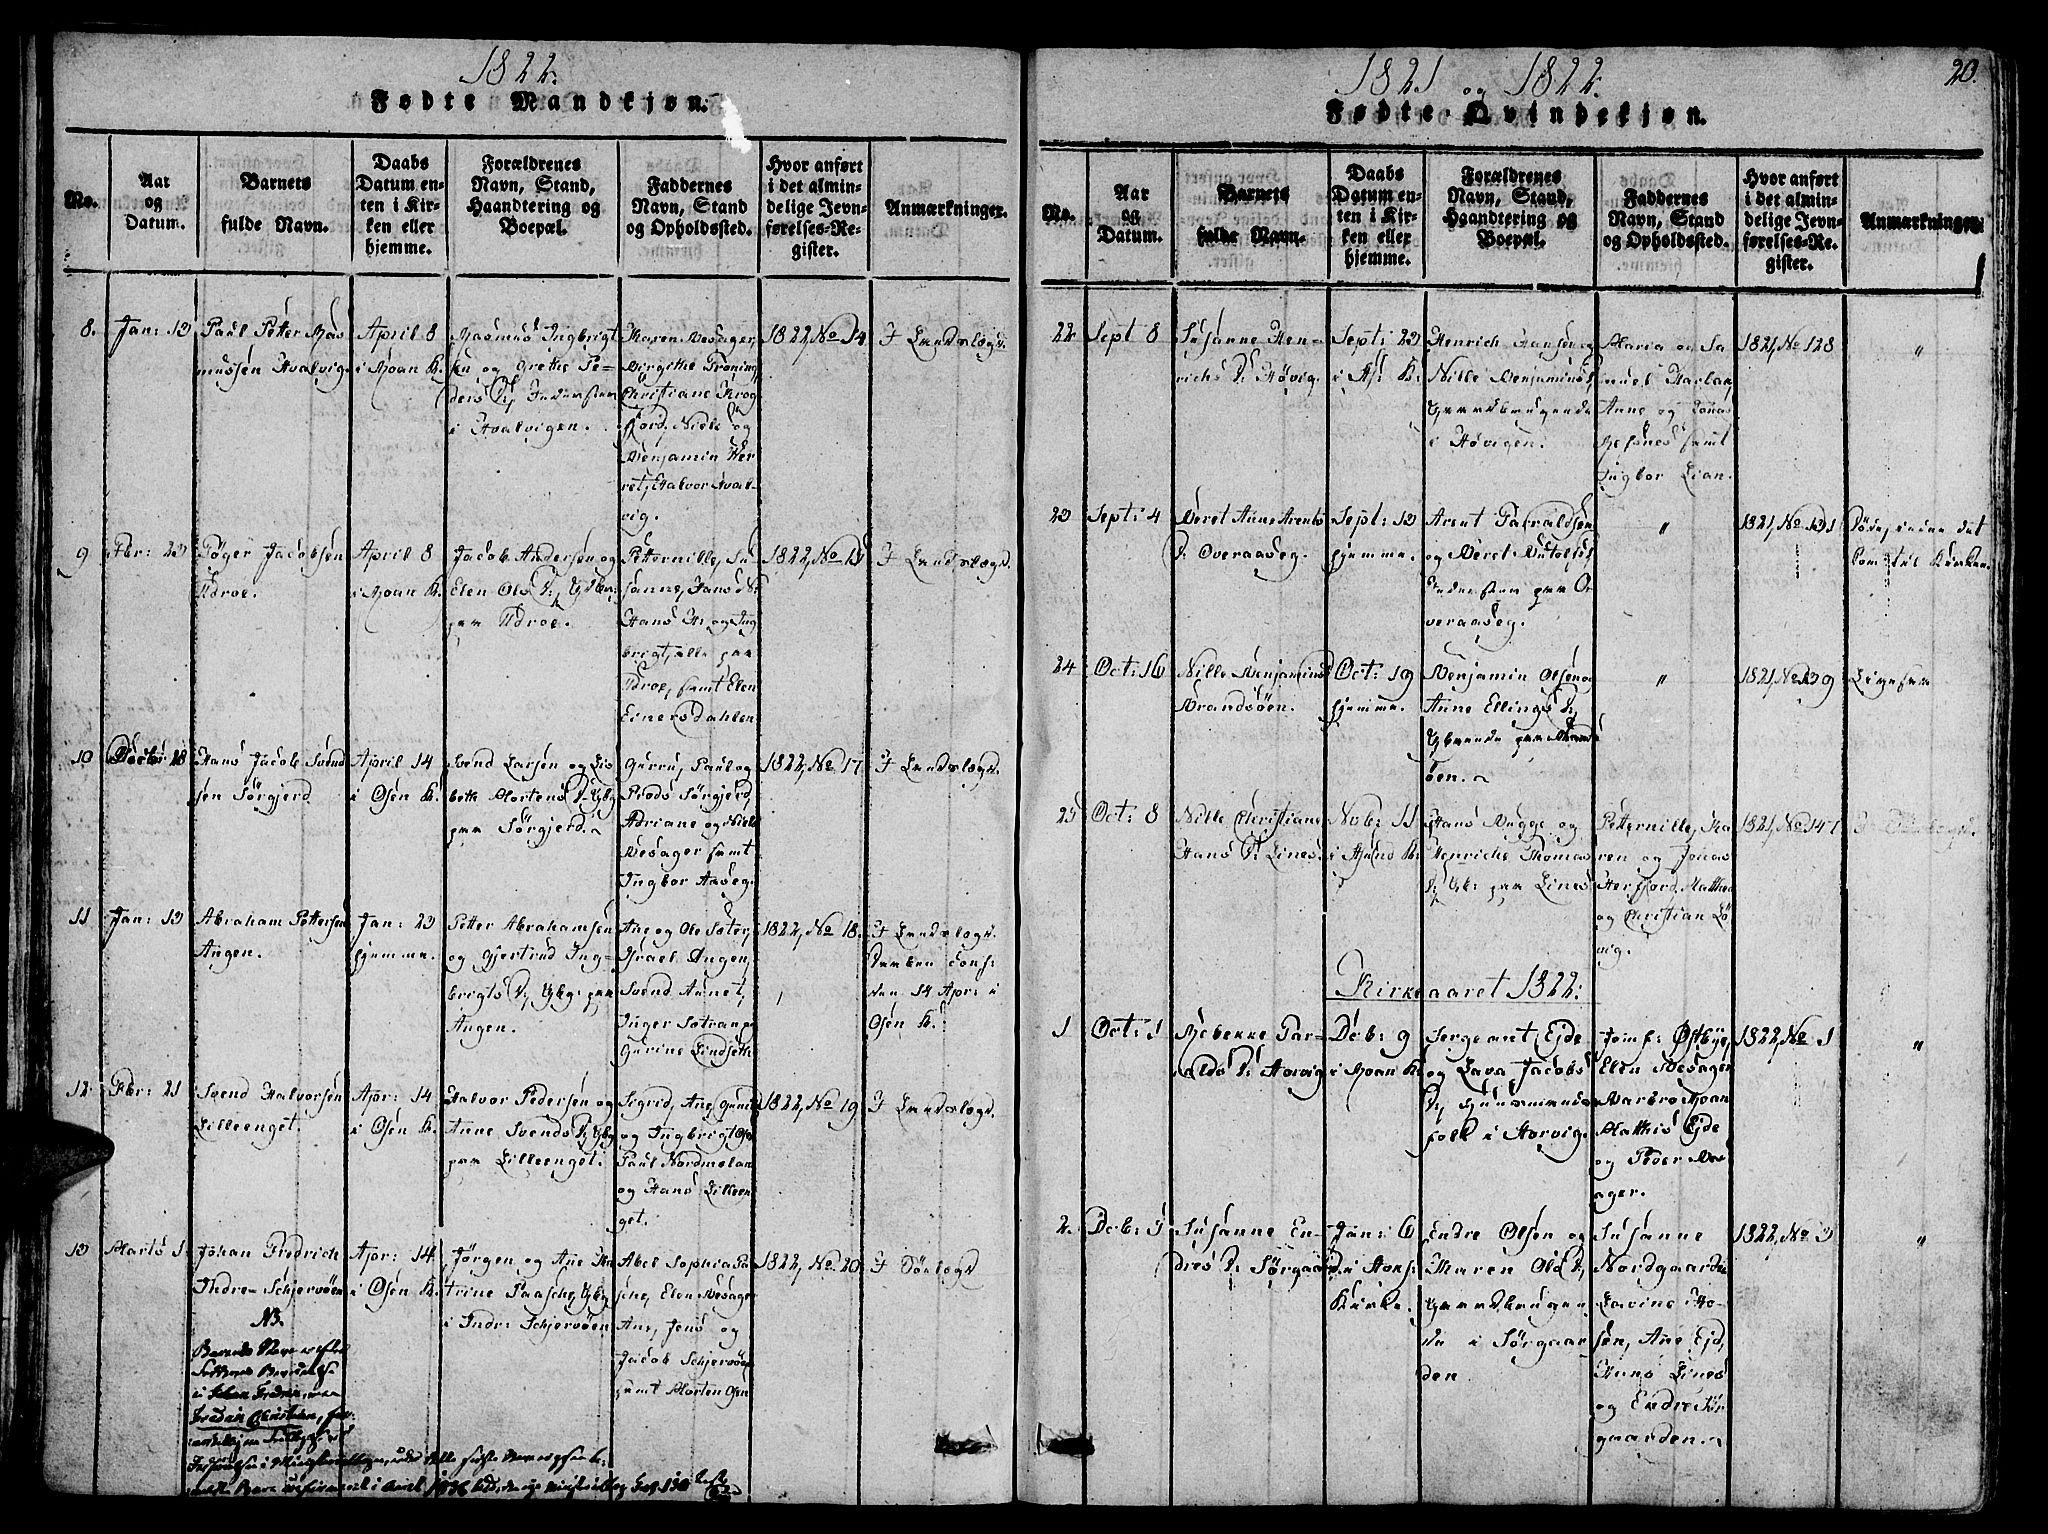 SAT, Ministerialprotokoller, klokkerbøker og fødselsregistre - Sør-Trøndelag, 657/L0702: Ministerialbok nr. 657A03, 1818-1831, s. 20